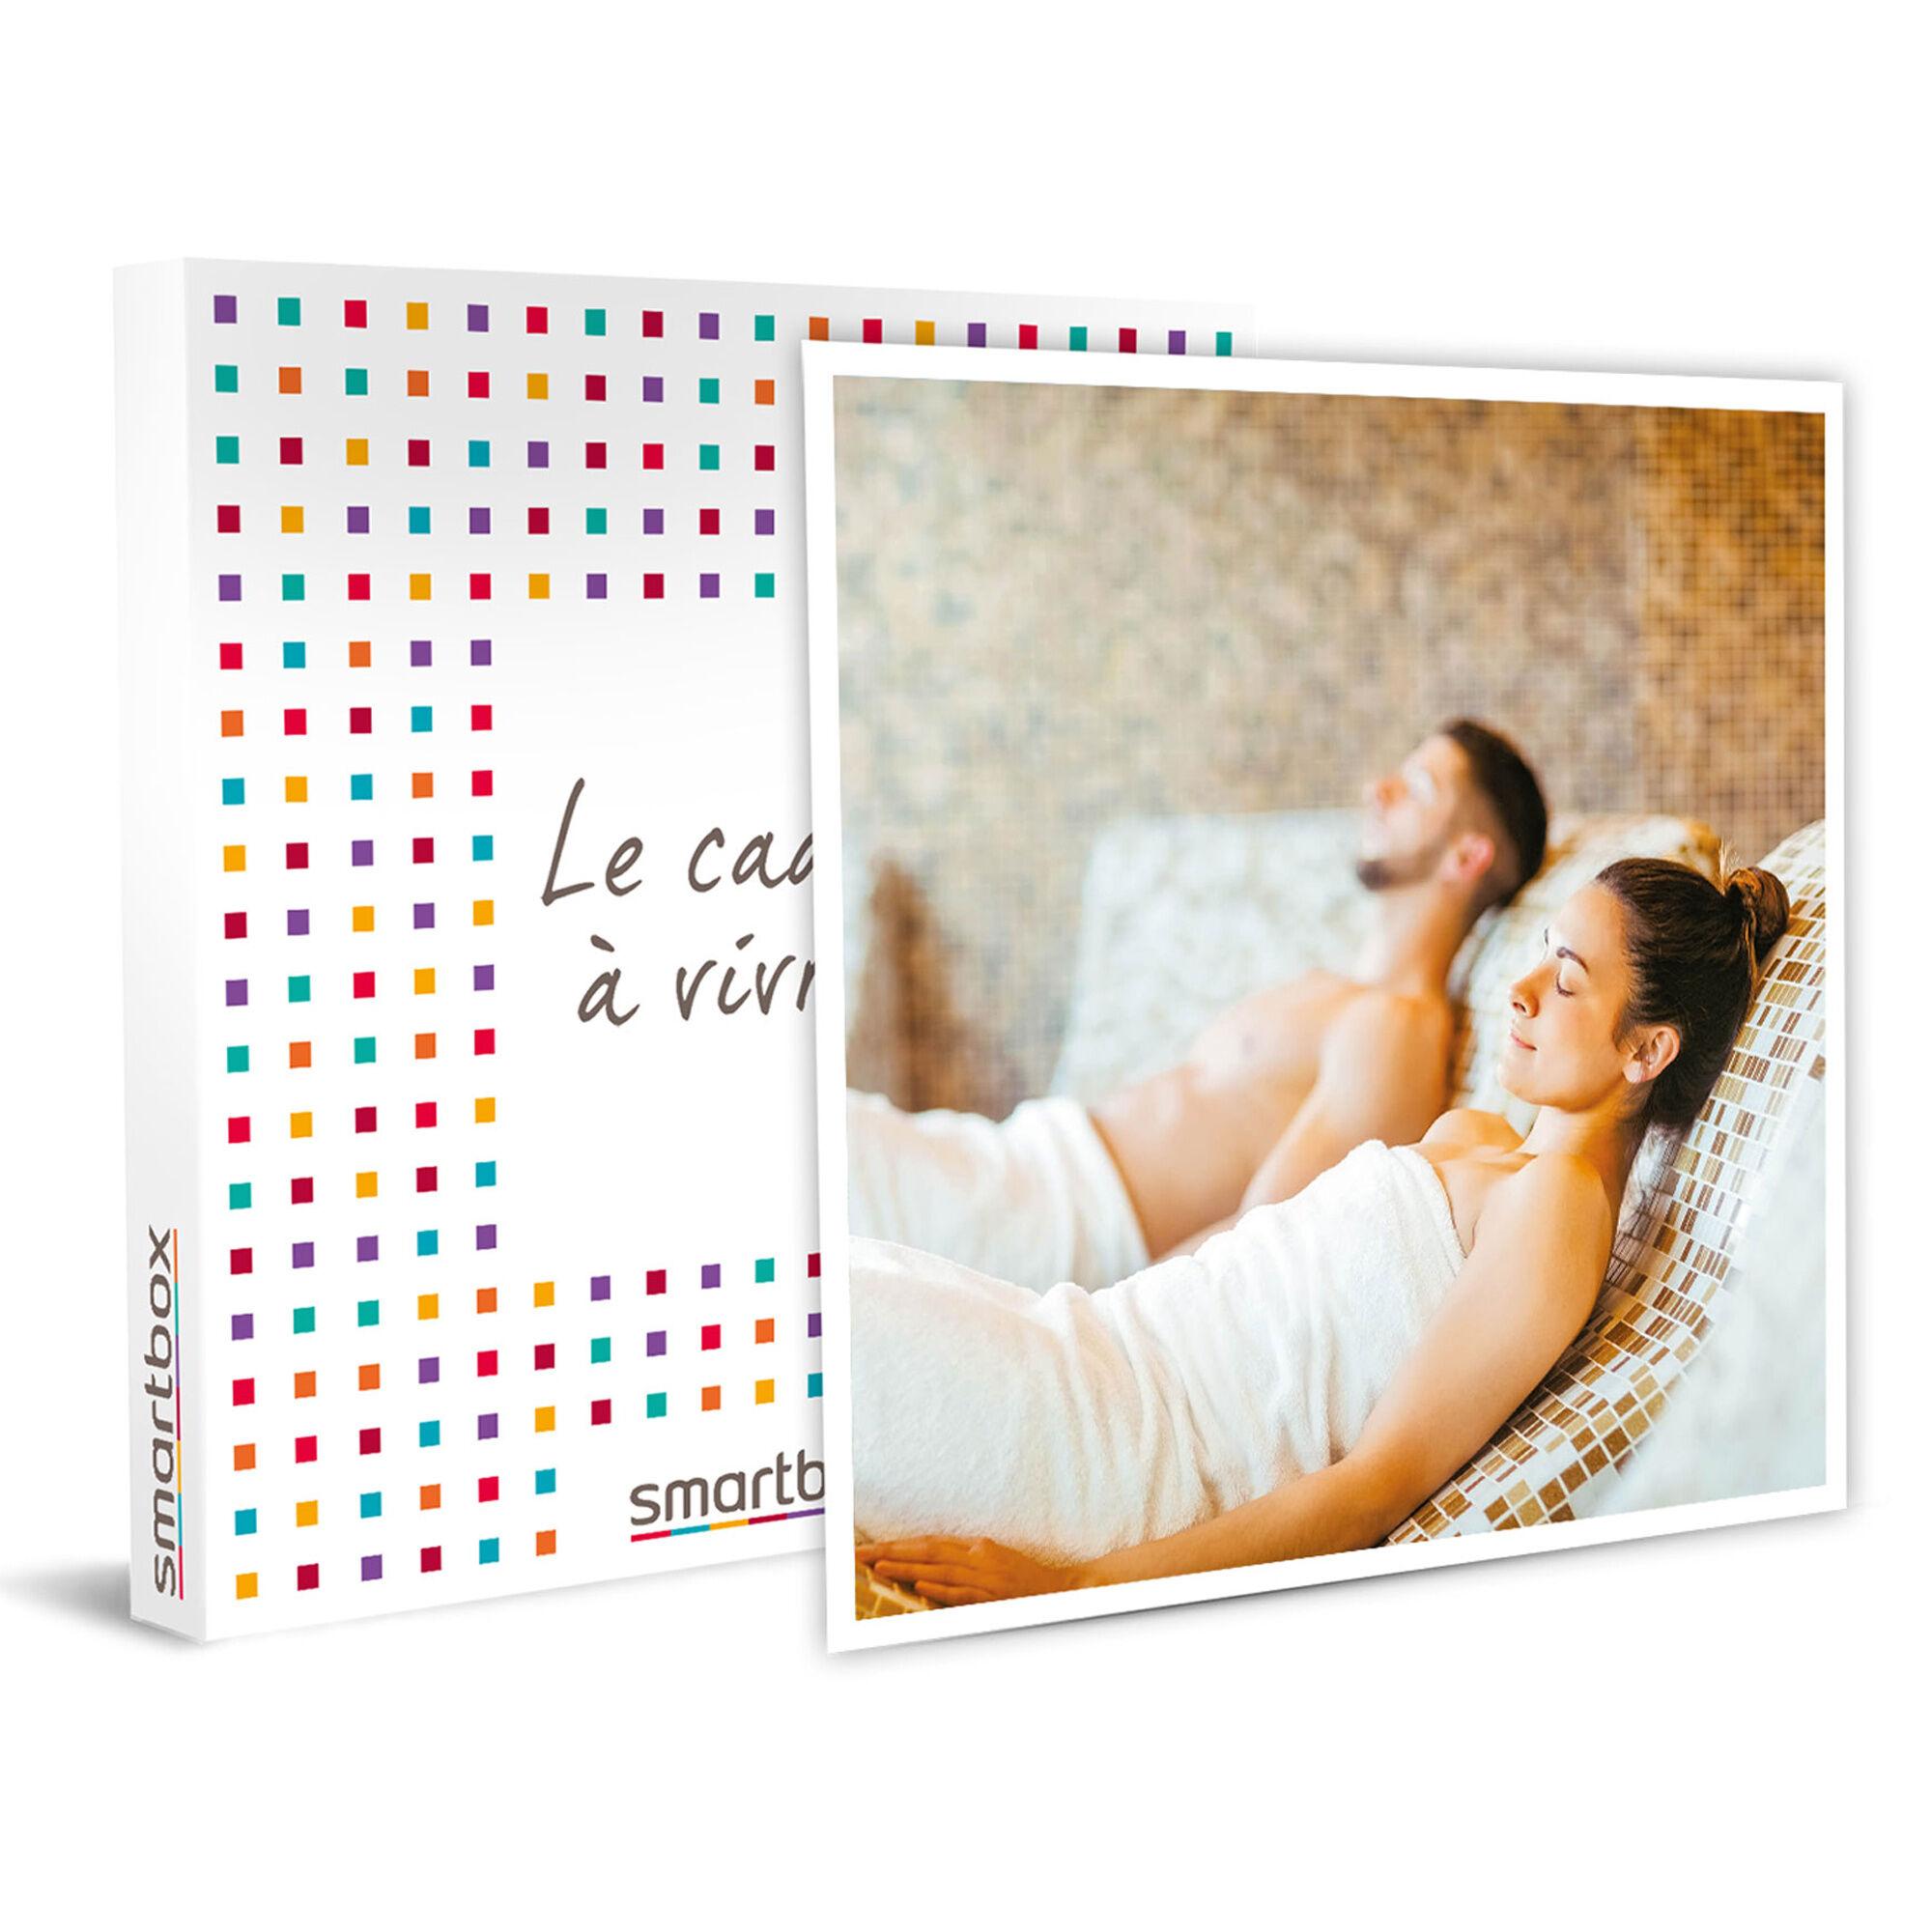 Smartbox Bien-être d'exception en duo Coffret cadeau Smartbox